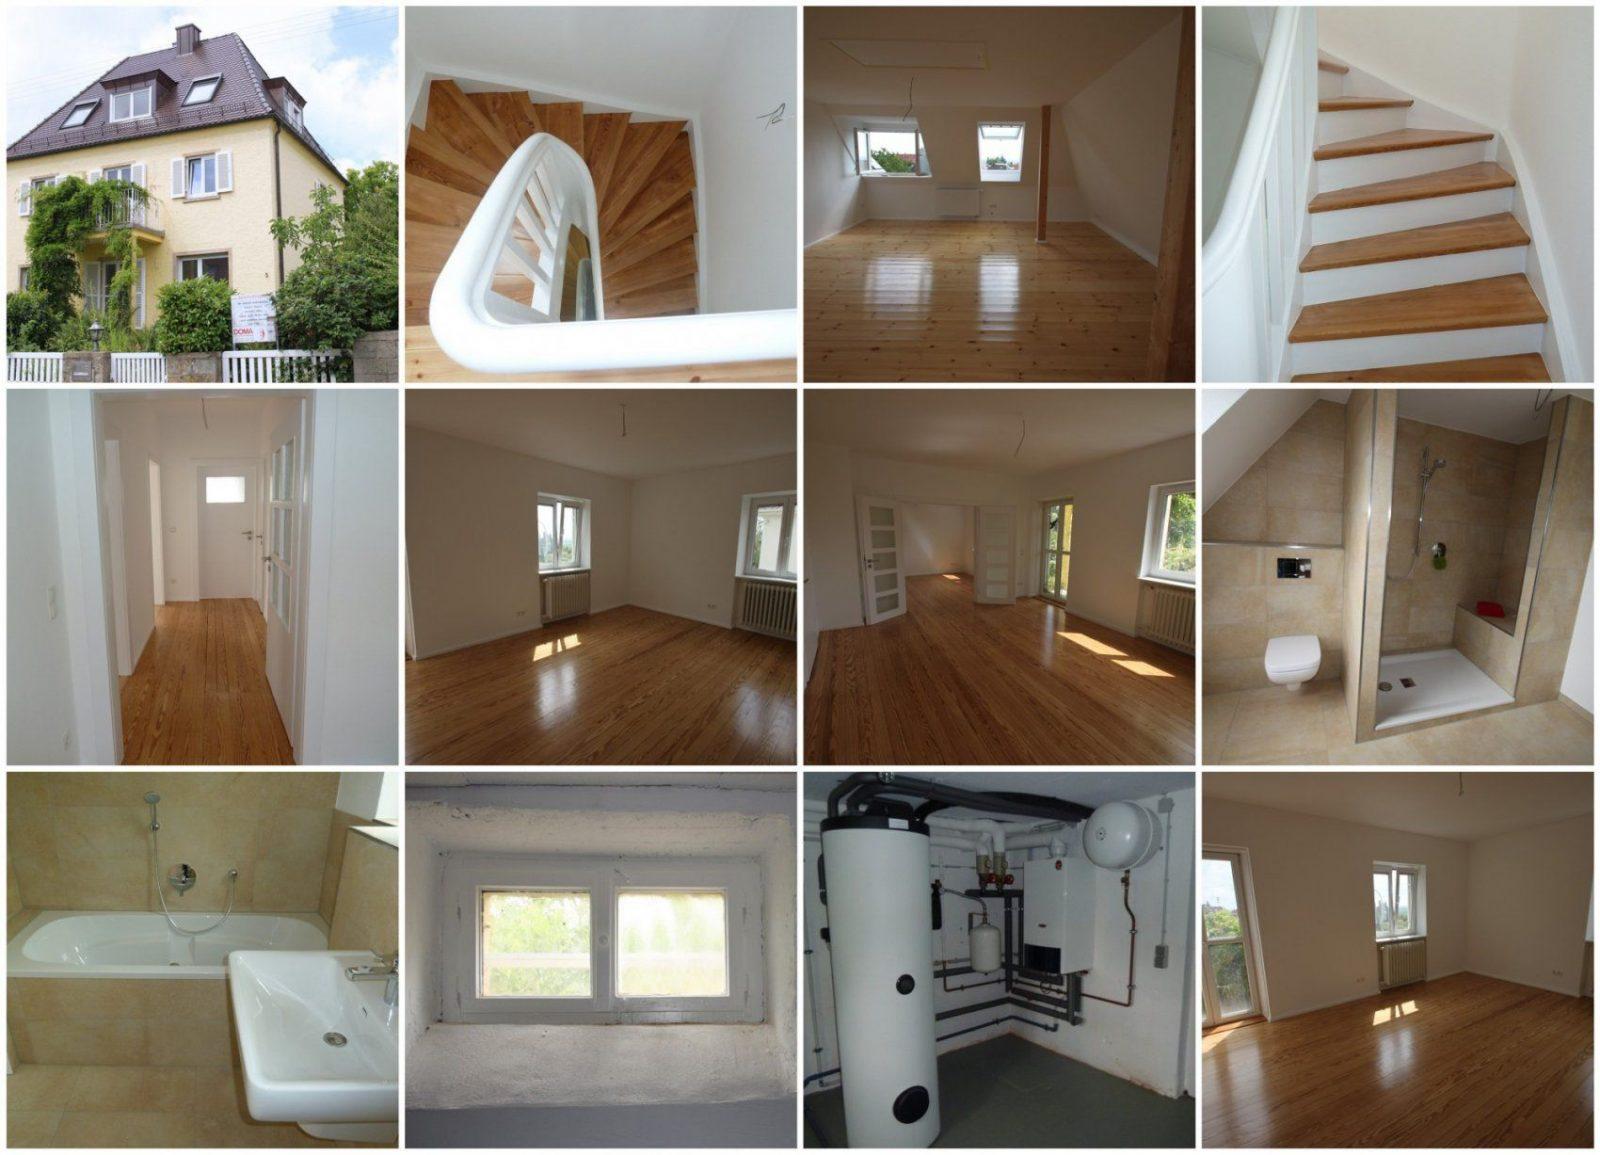 Stilvolle Altes Haus Renovieren Vorher Nachher Haus Modernisieren von Altes Haus Renovieren Vorher Nachher Photo